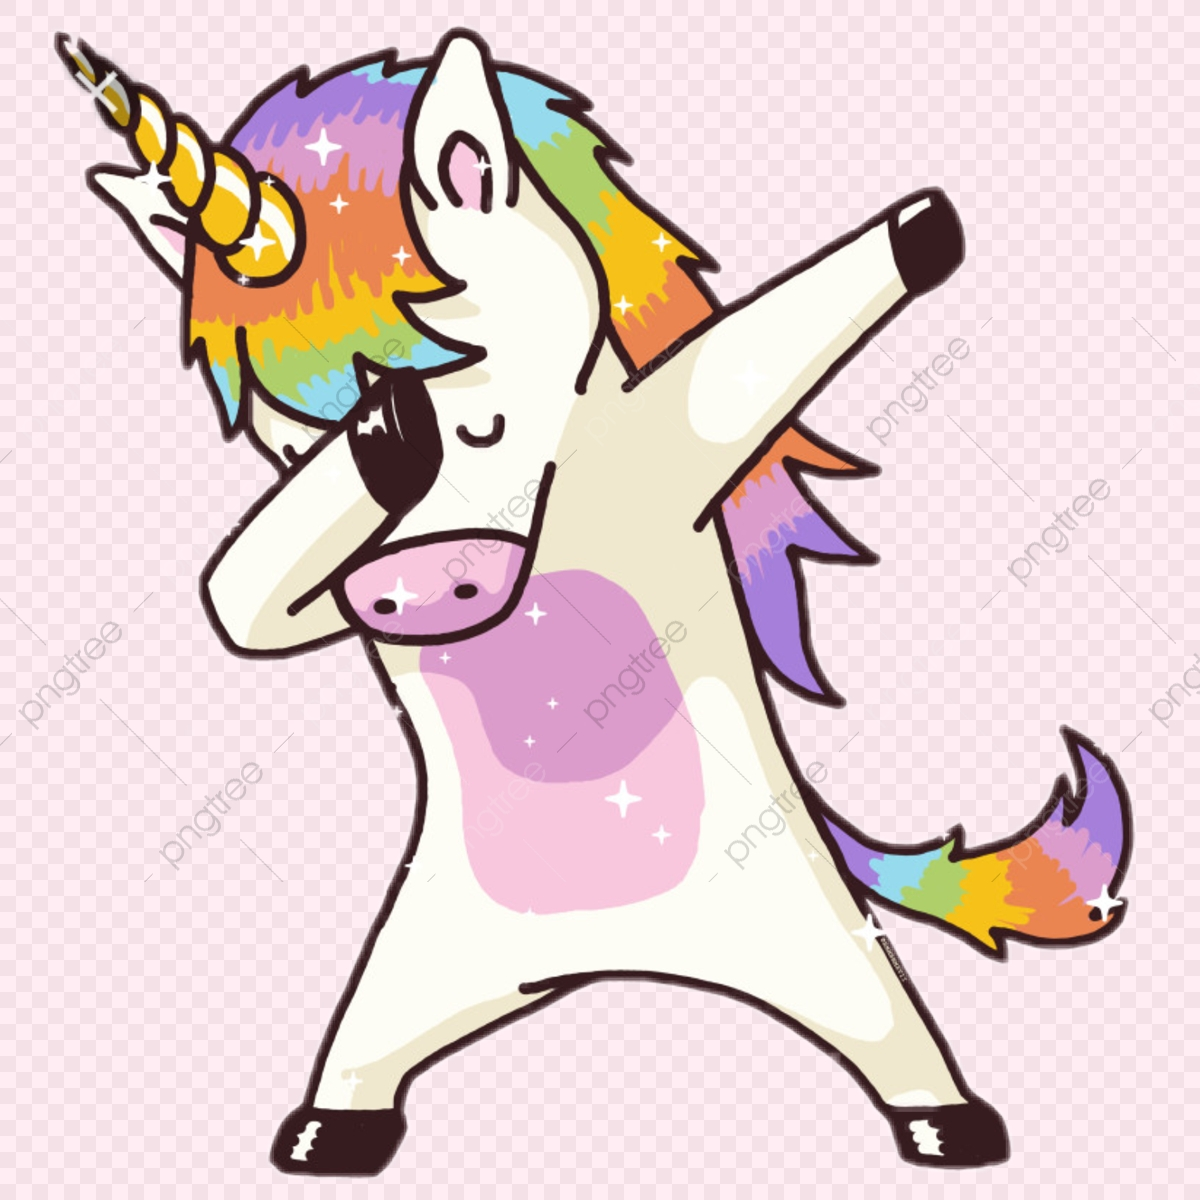 かわいいユニコーンを踊ってみた 無料 PNG そして PSD